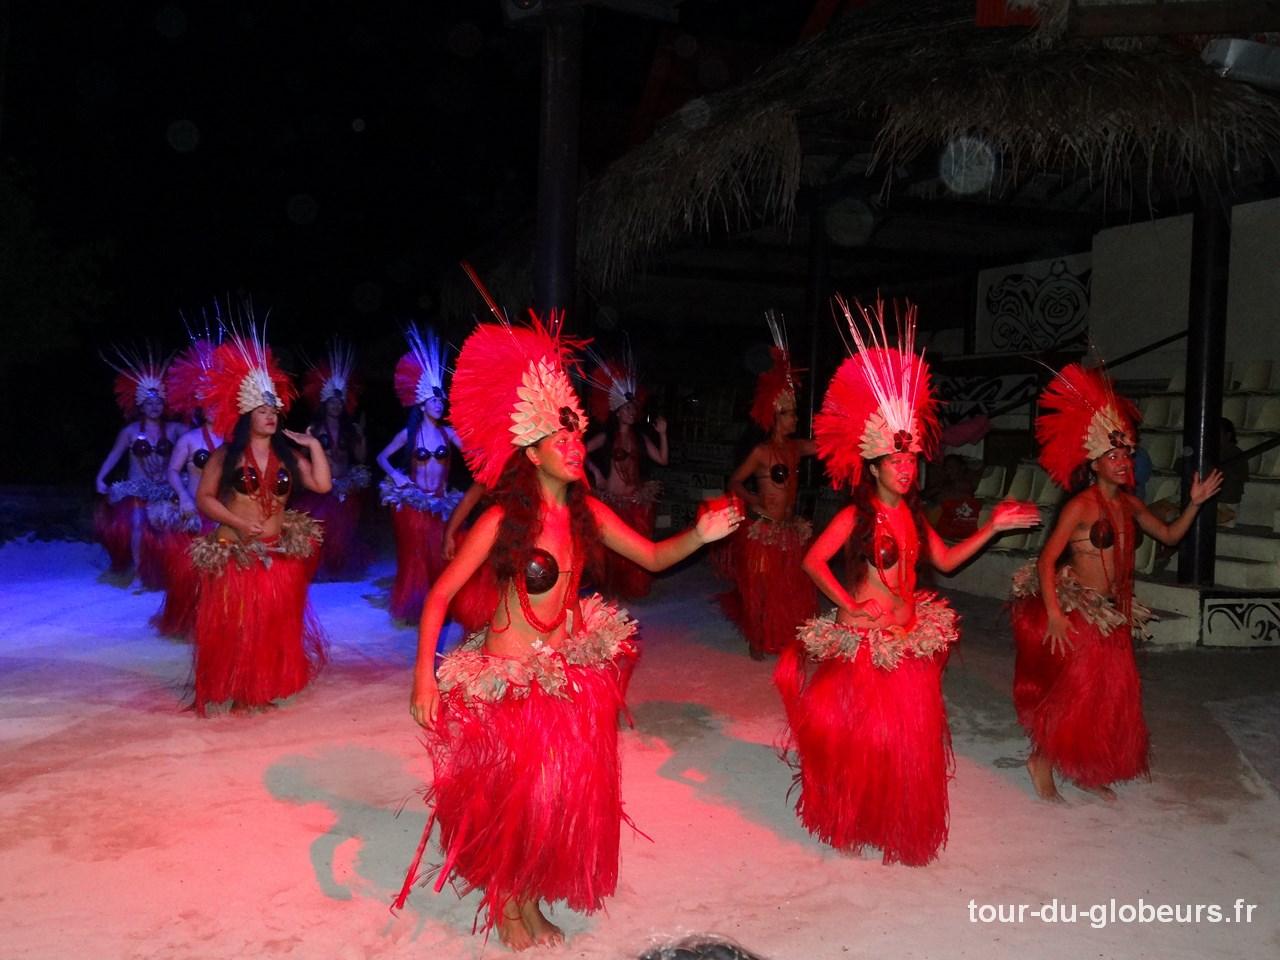 polynesie-moorea-2013-01-29-DSC06332-reduit